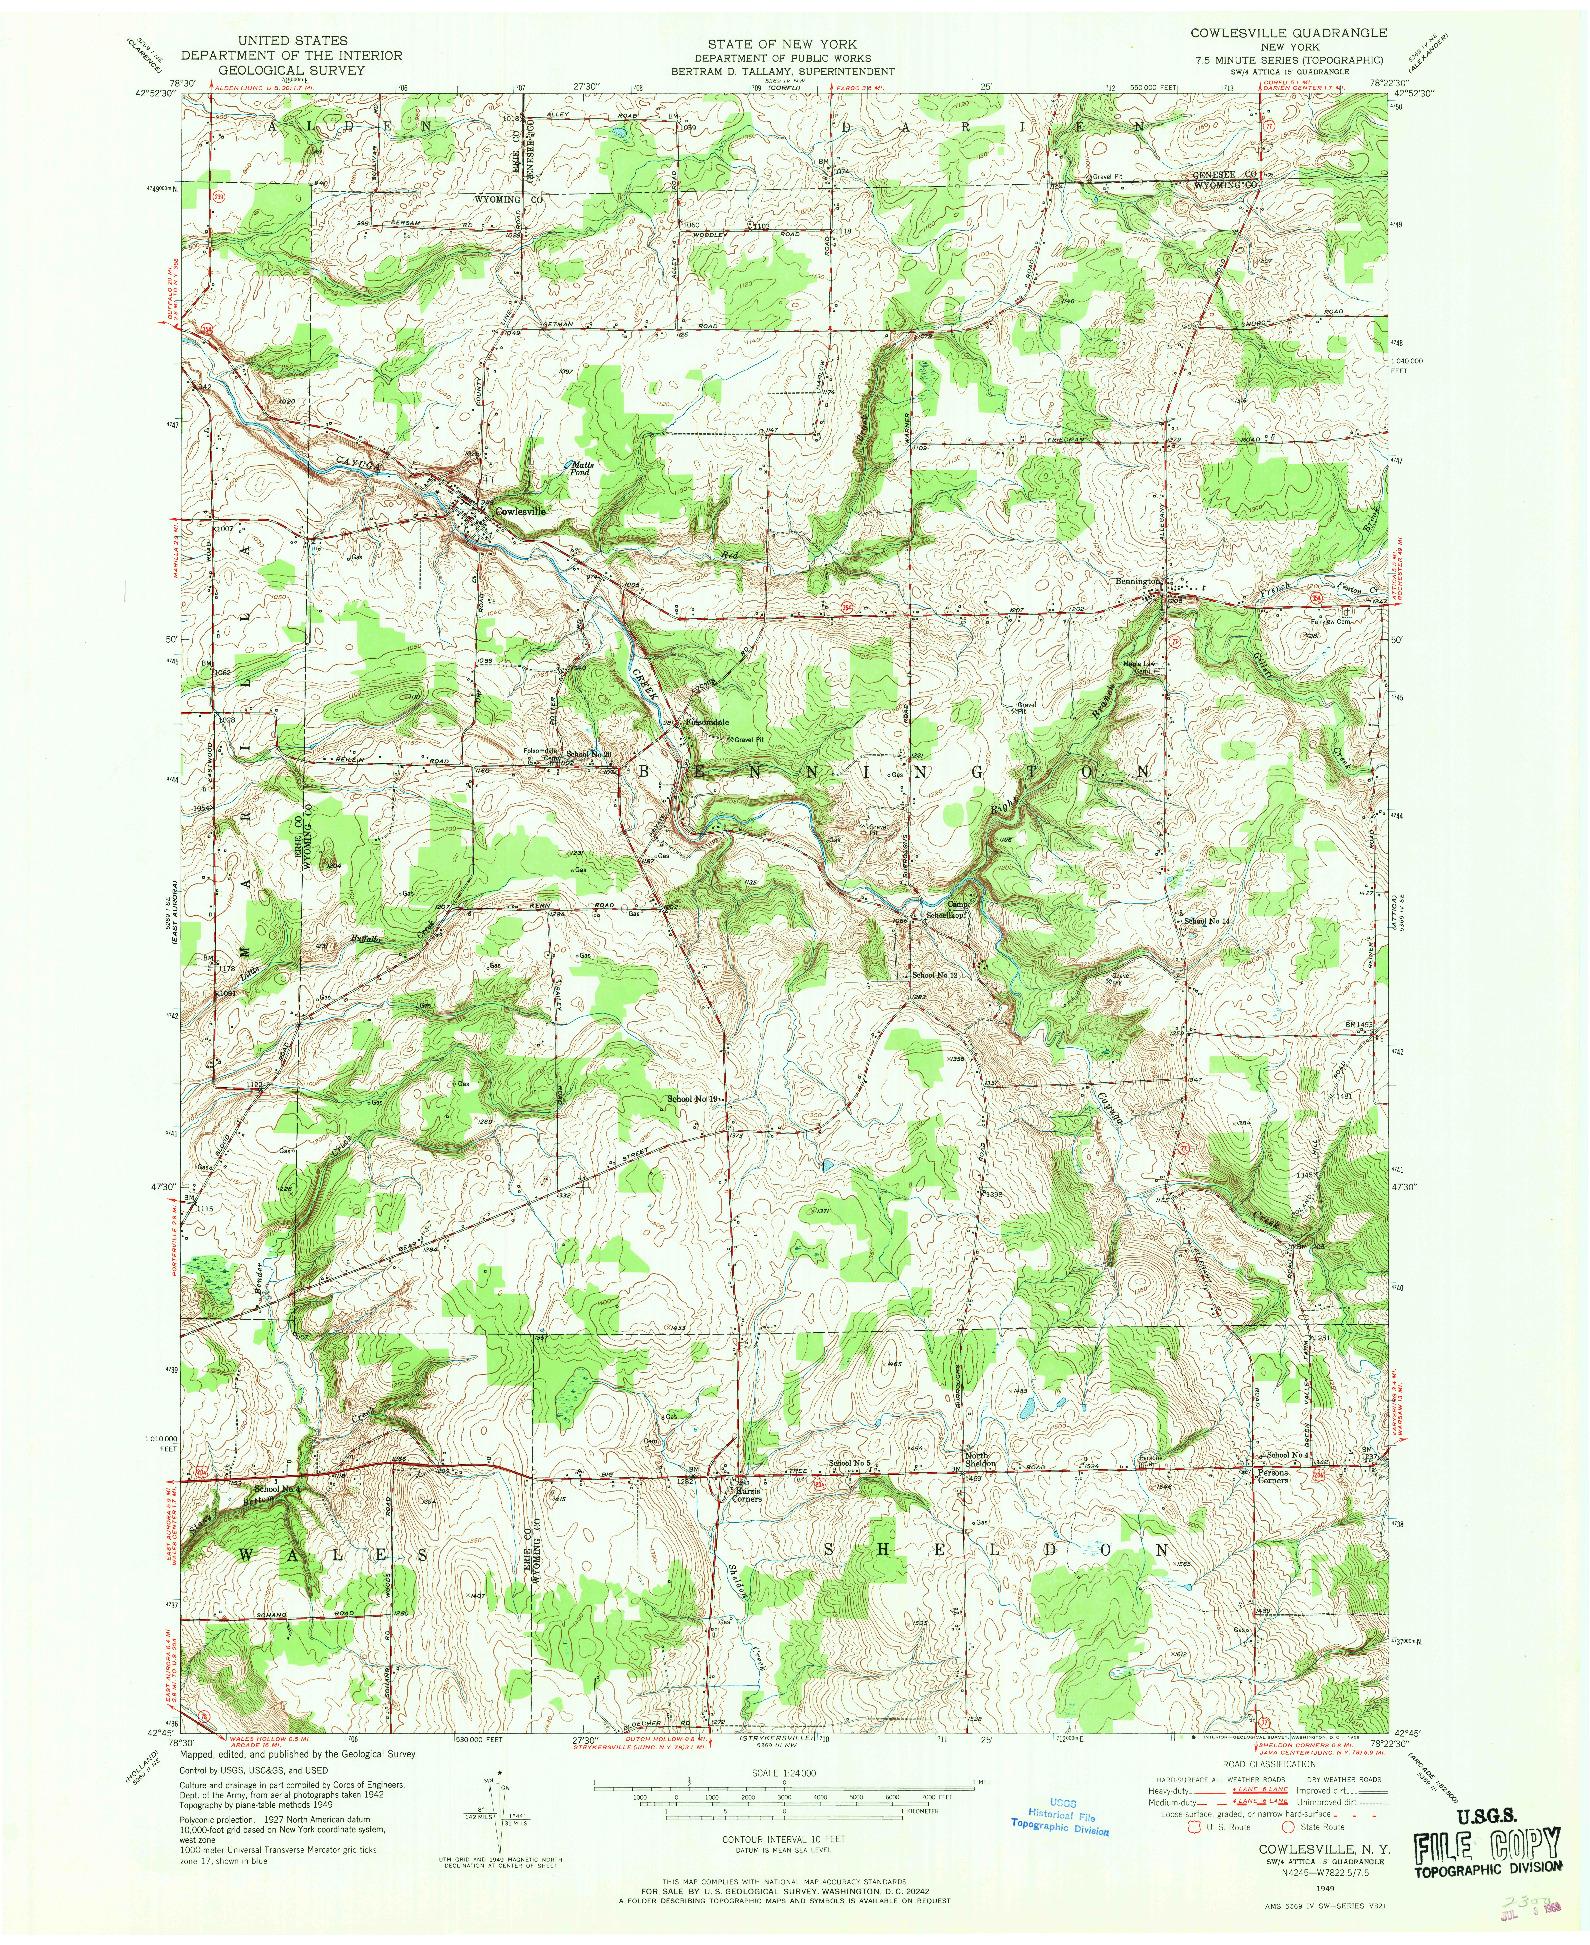 USGS 1:24000-SCALE QUADRANGLE FOR COWLESVILLE, NY 1949